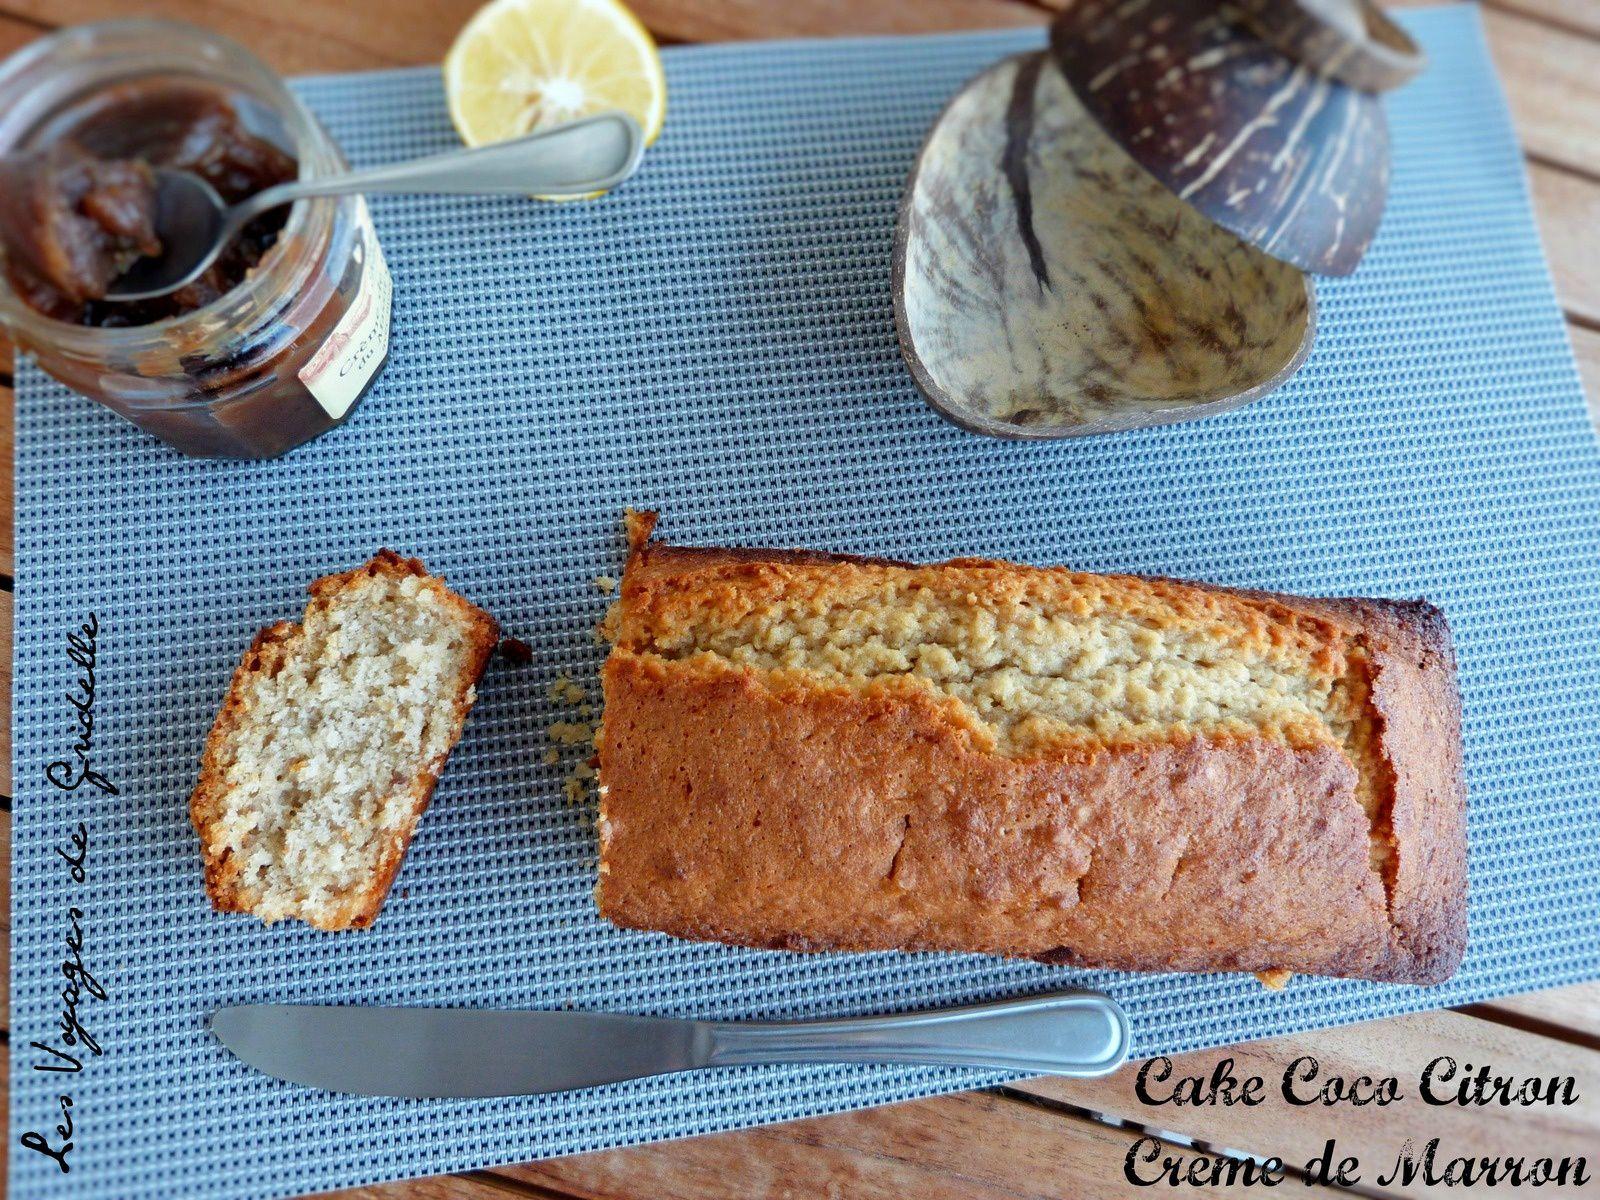 Cake Coco Citron Crème de Marron - Les Voyages de Gridelle